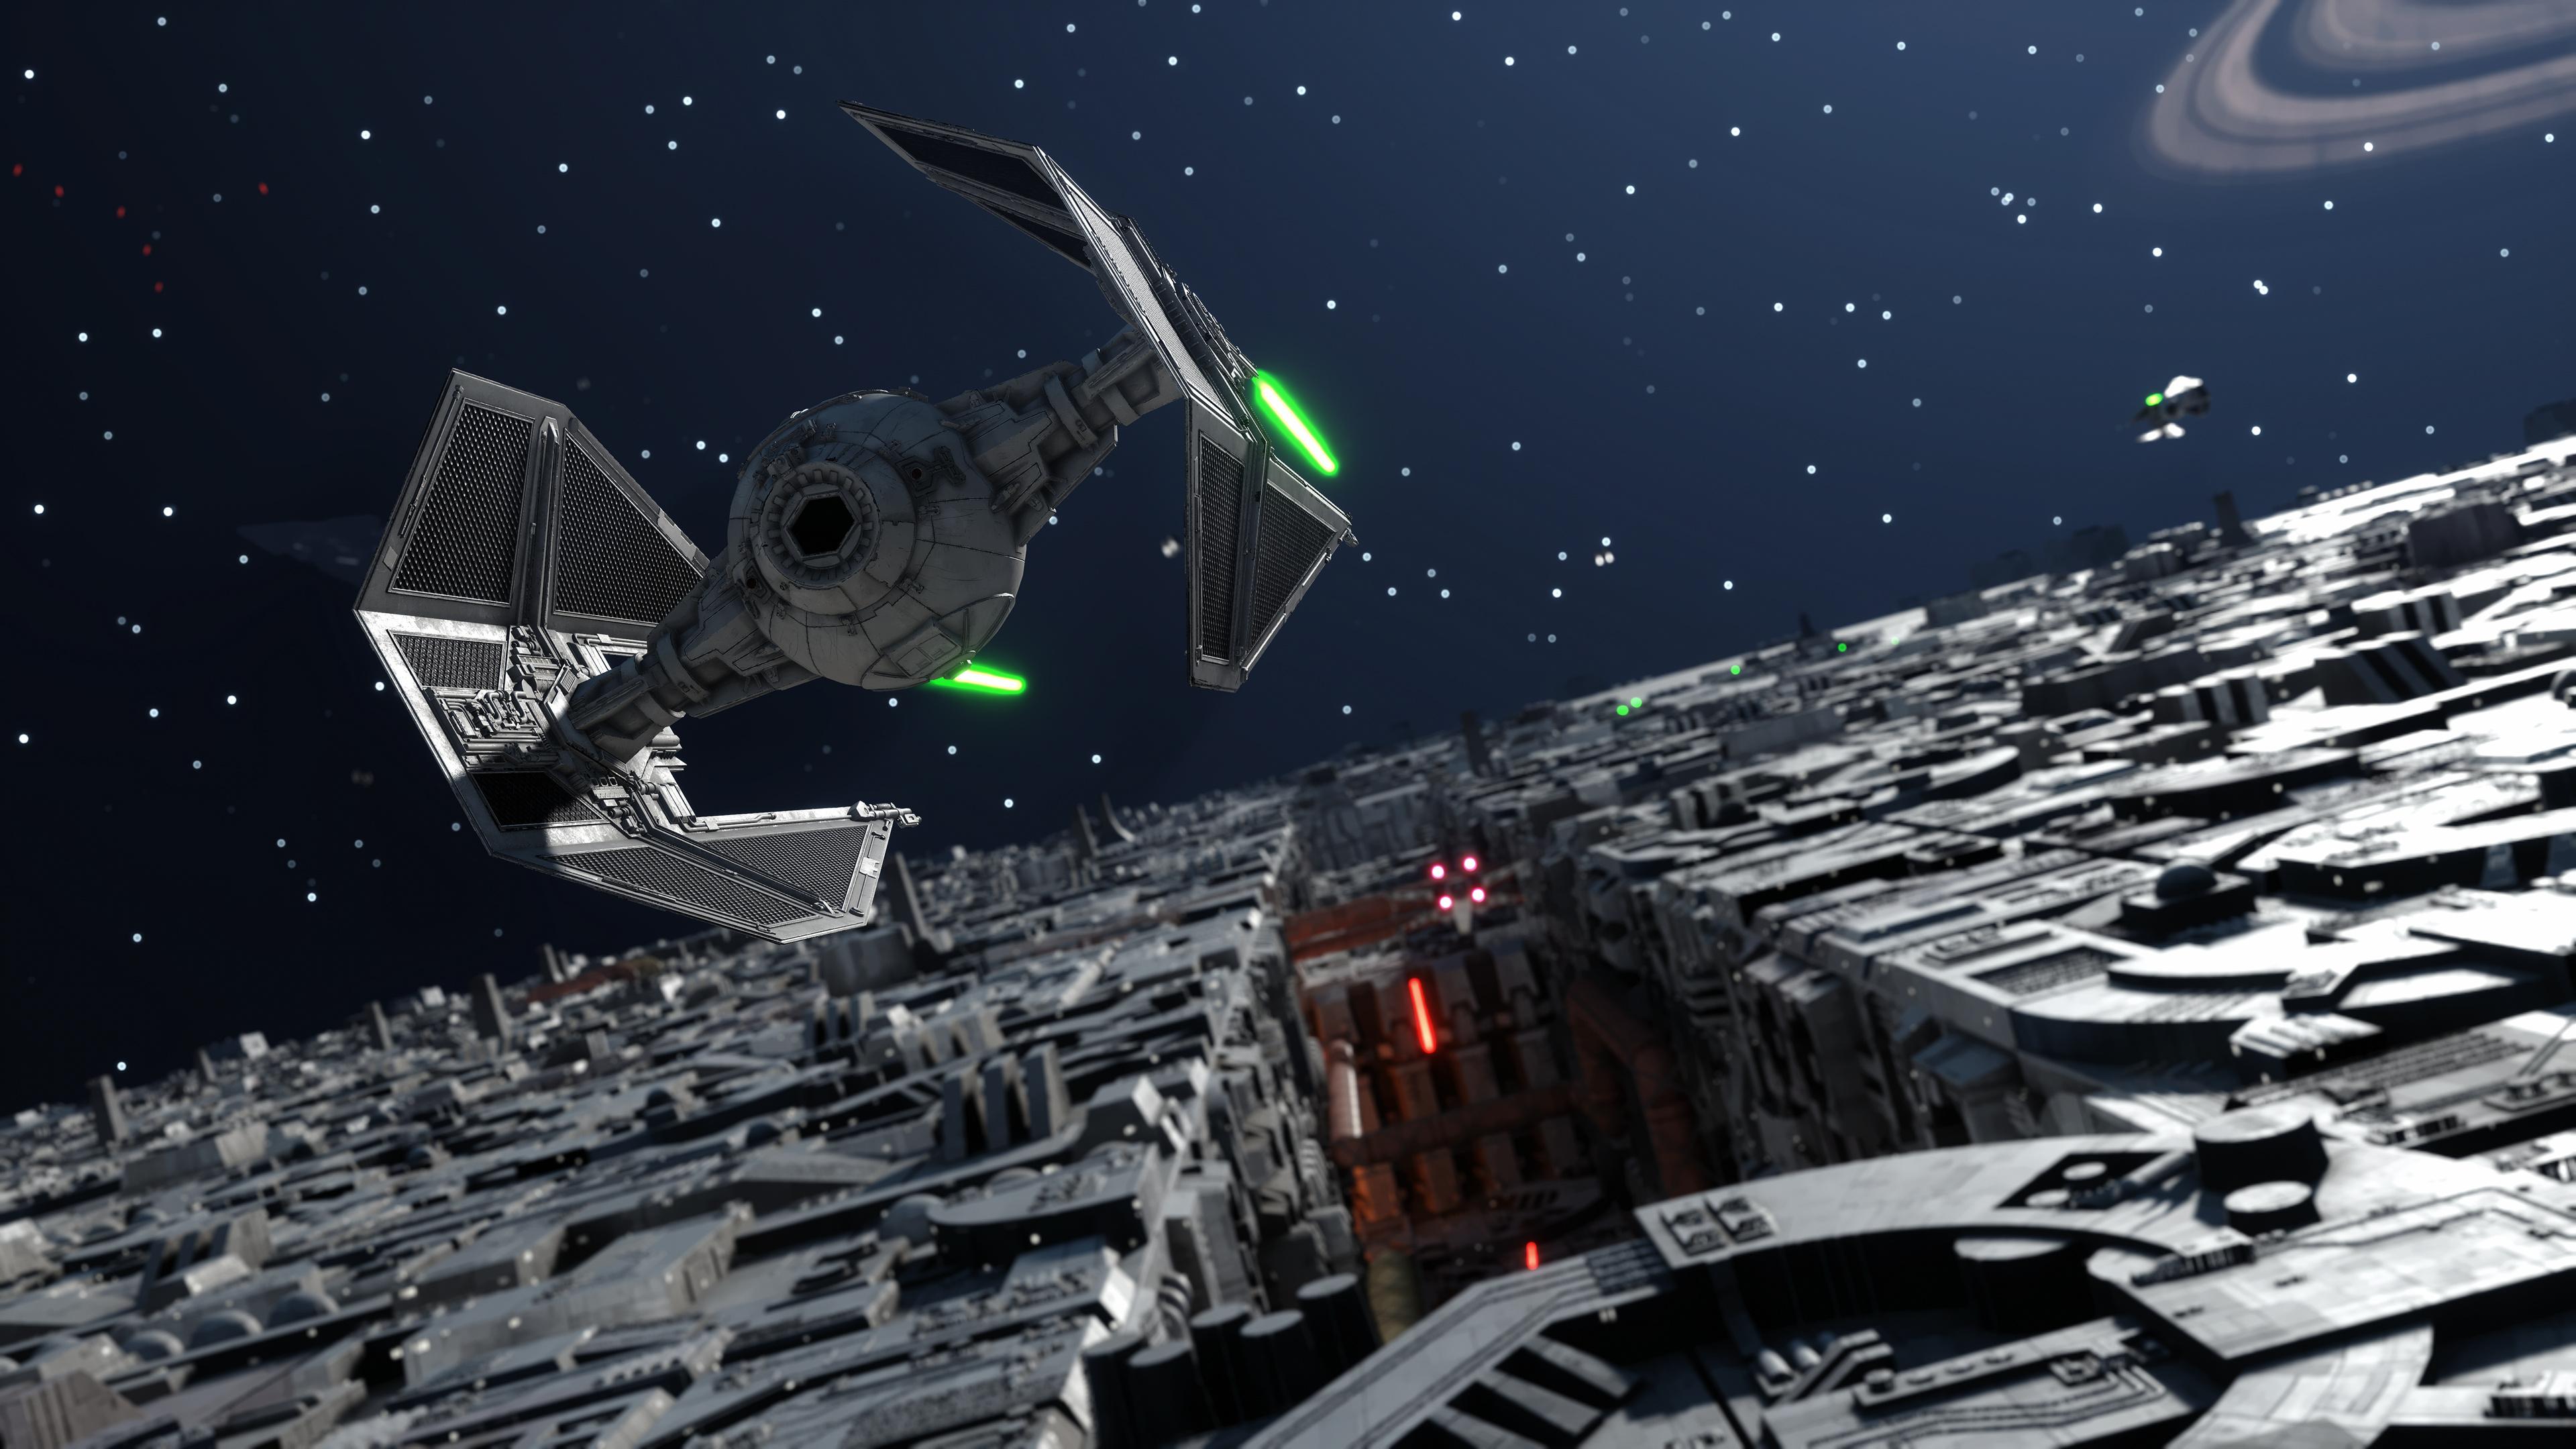 General 3840x2160 Star Wars Battlefront Star Wars TIE